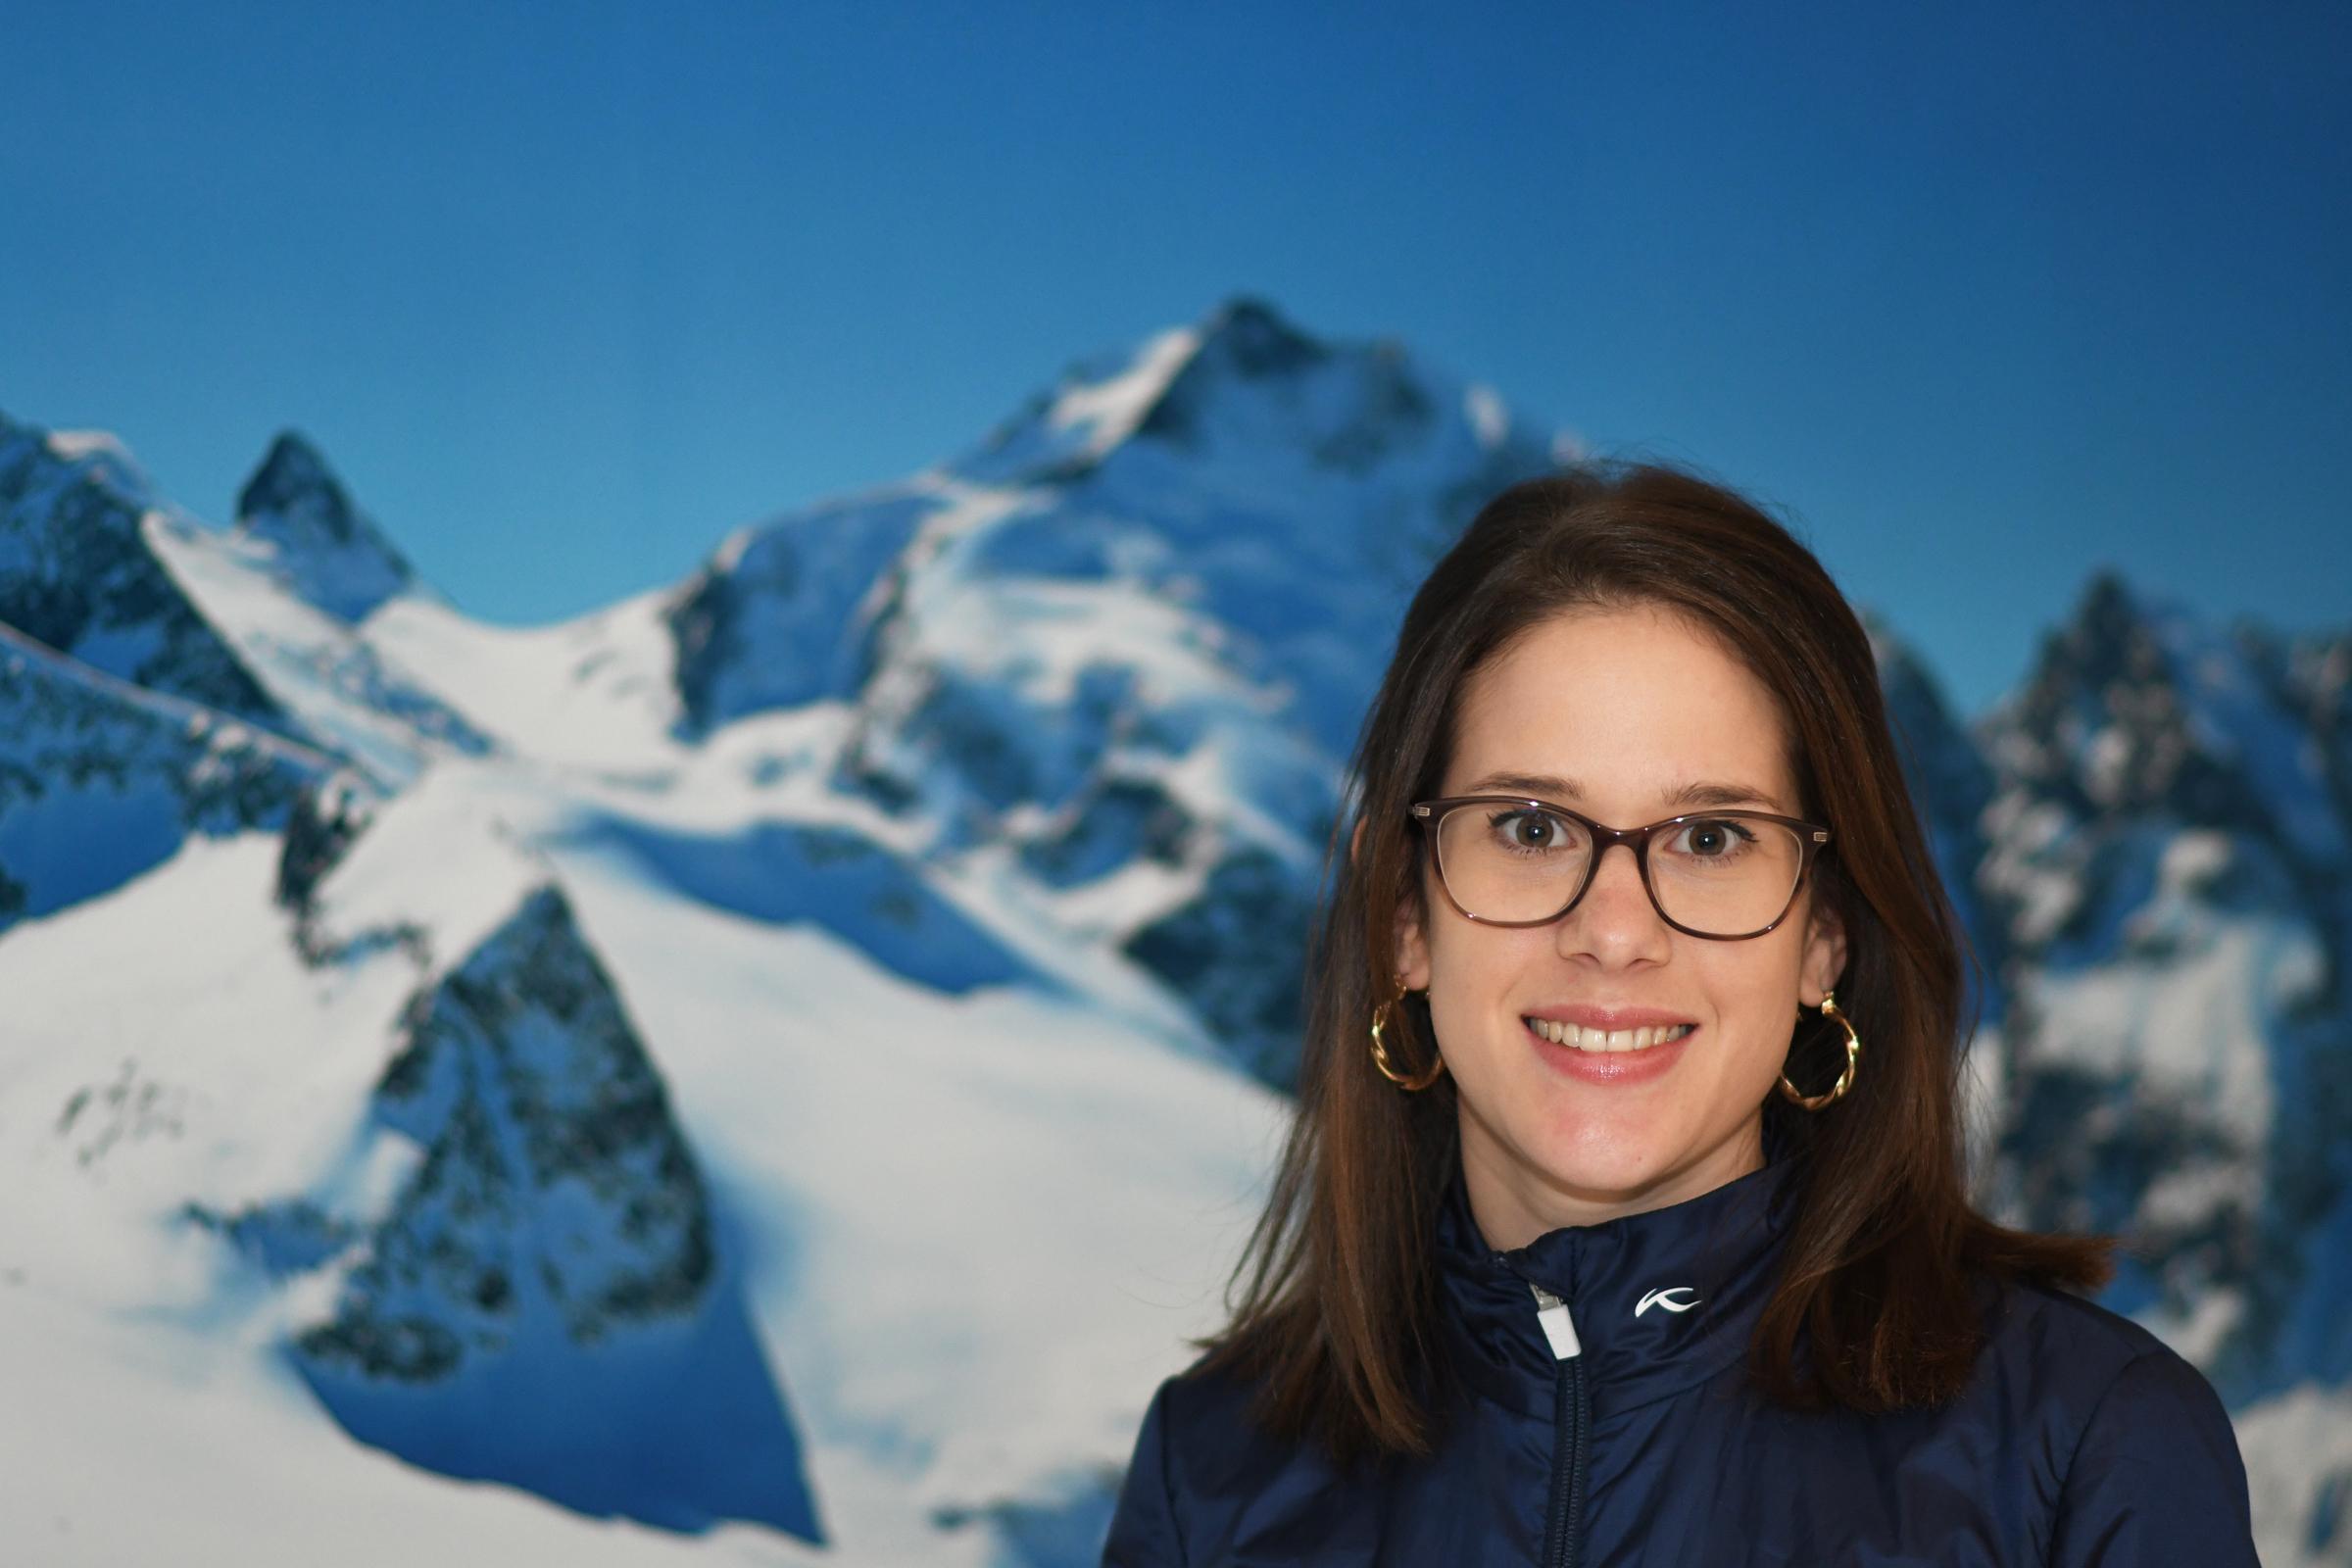 Lorena Hartmann